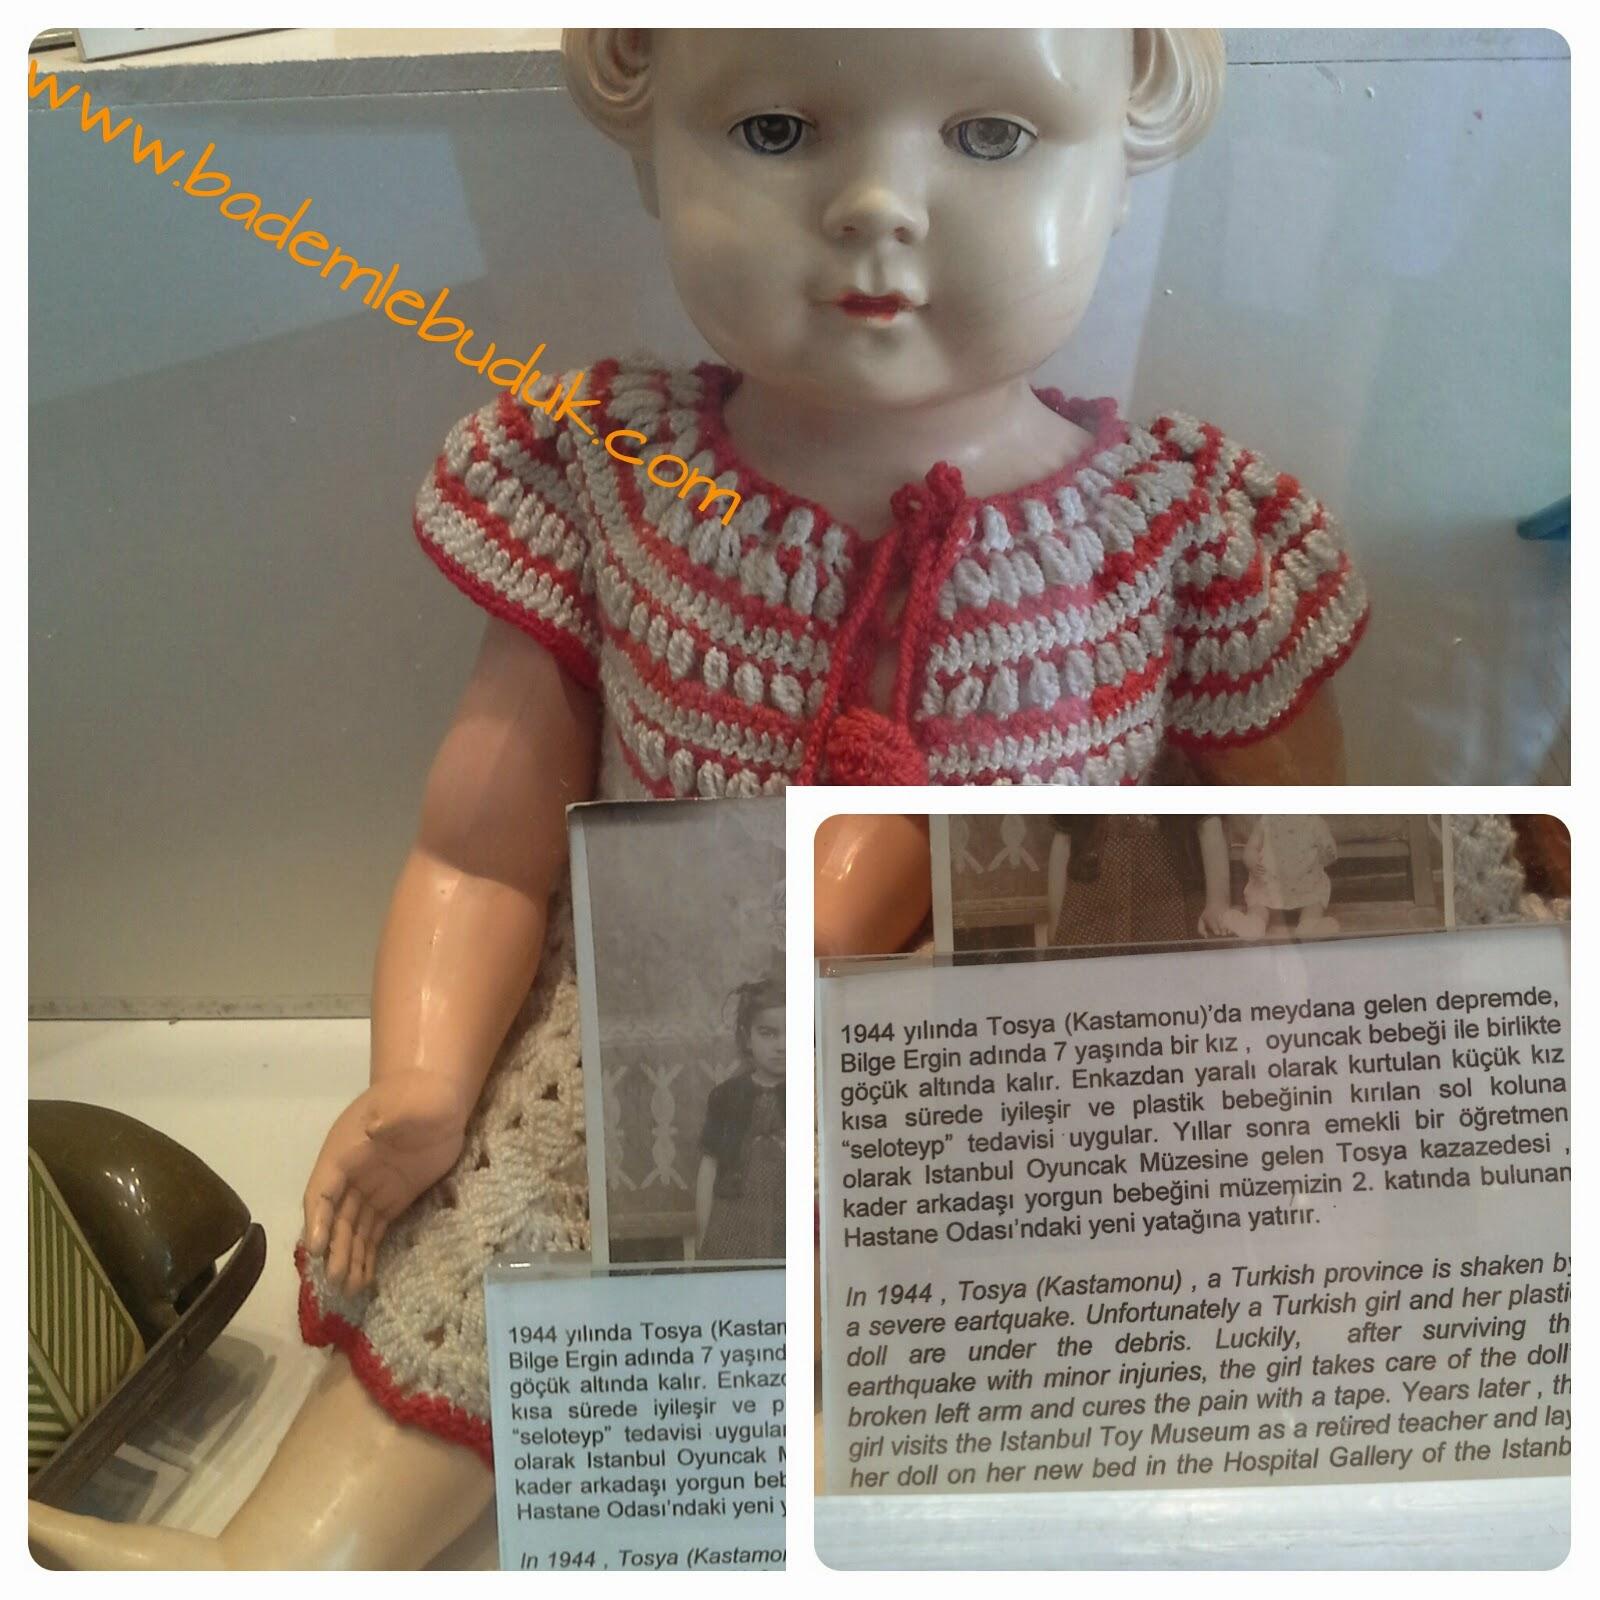 istanbul oyuncak müzesi - nerede - oyuncak müzesi nerede - oyuncak müzesi göztepe - göztepe müze